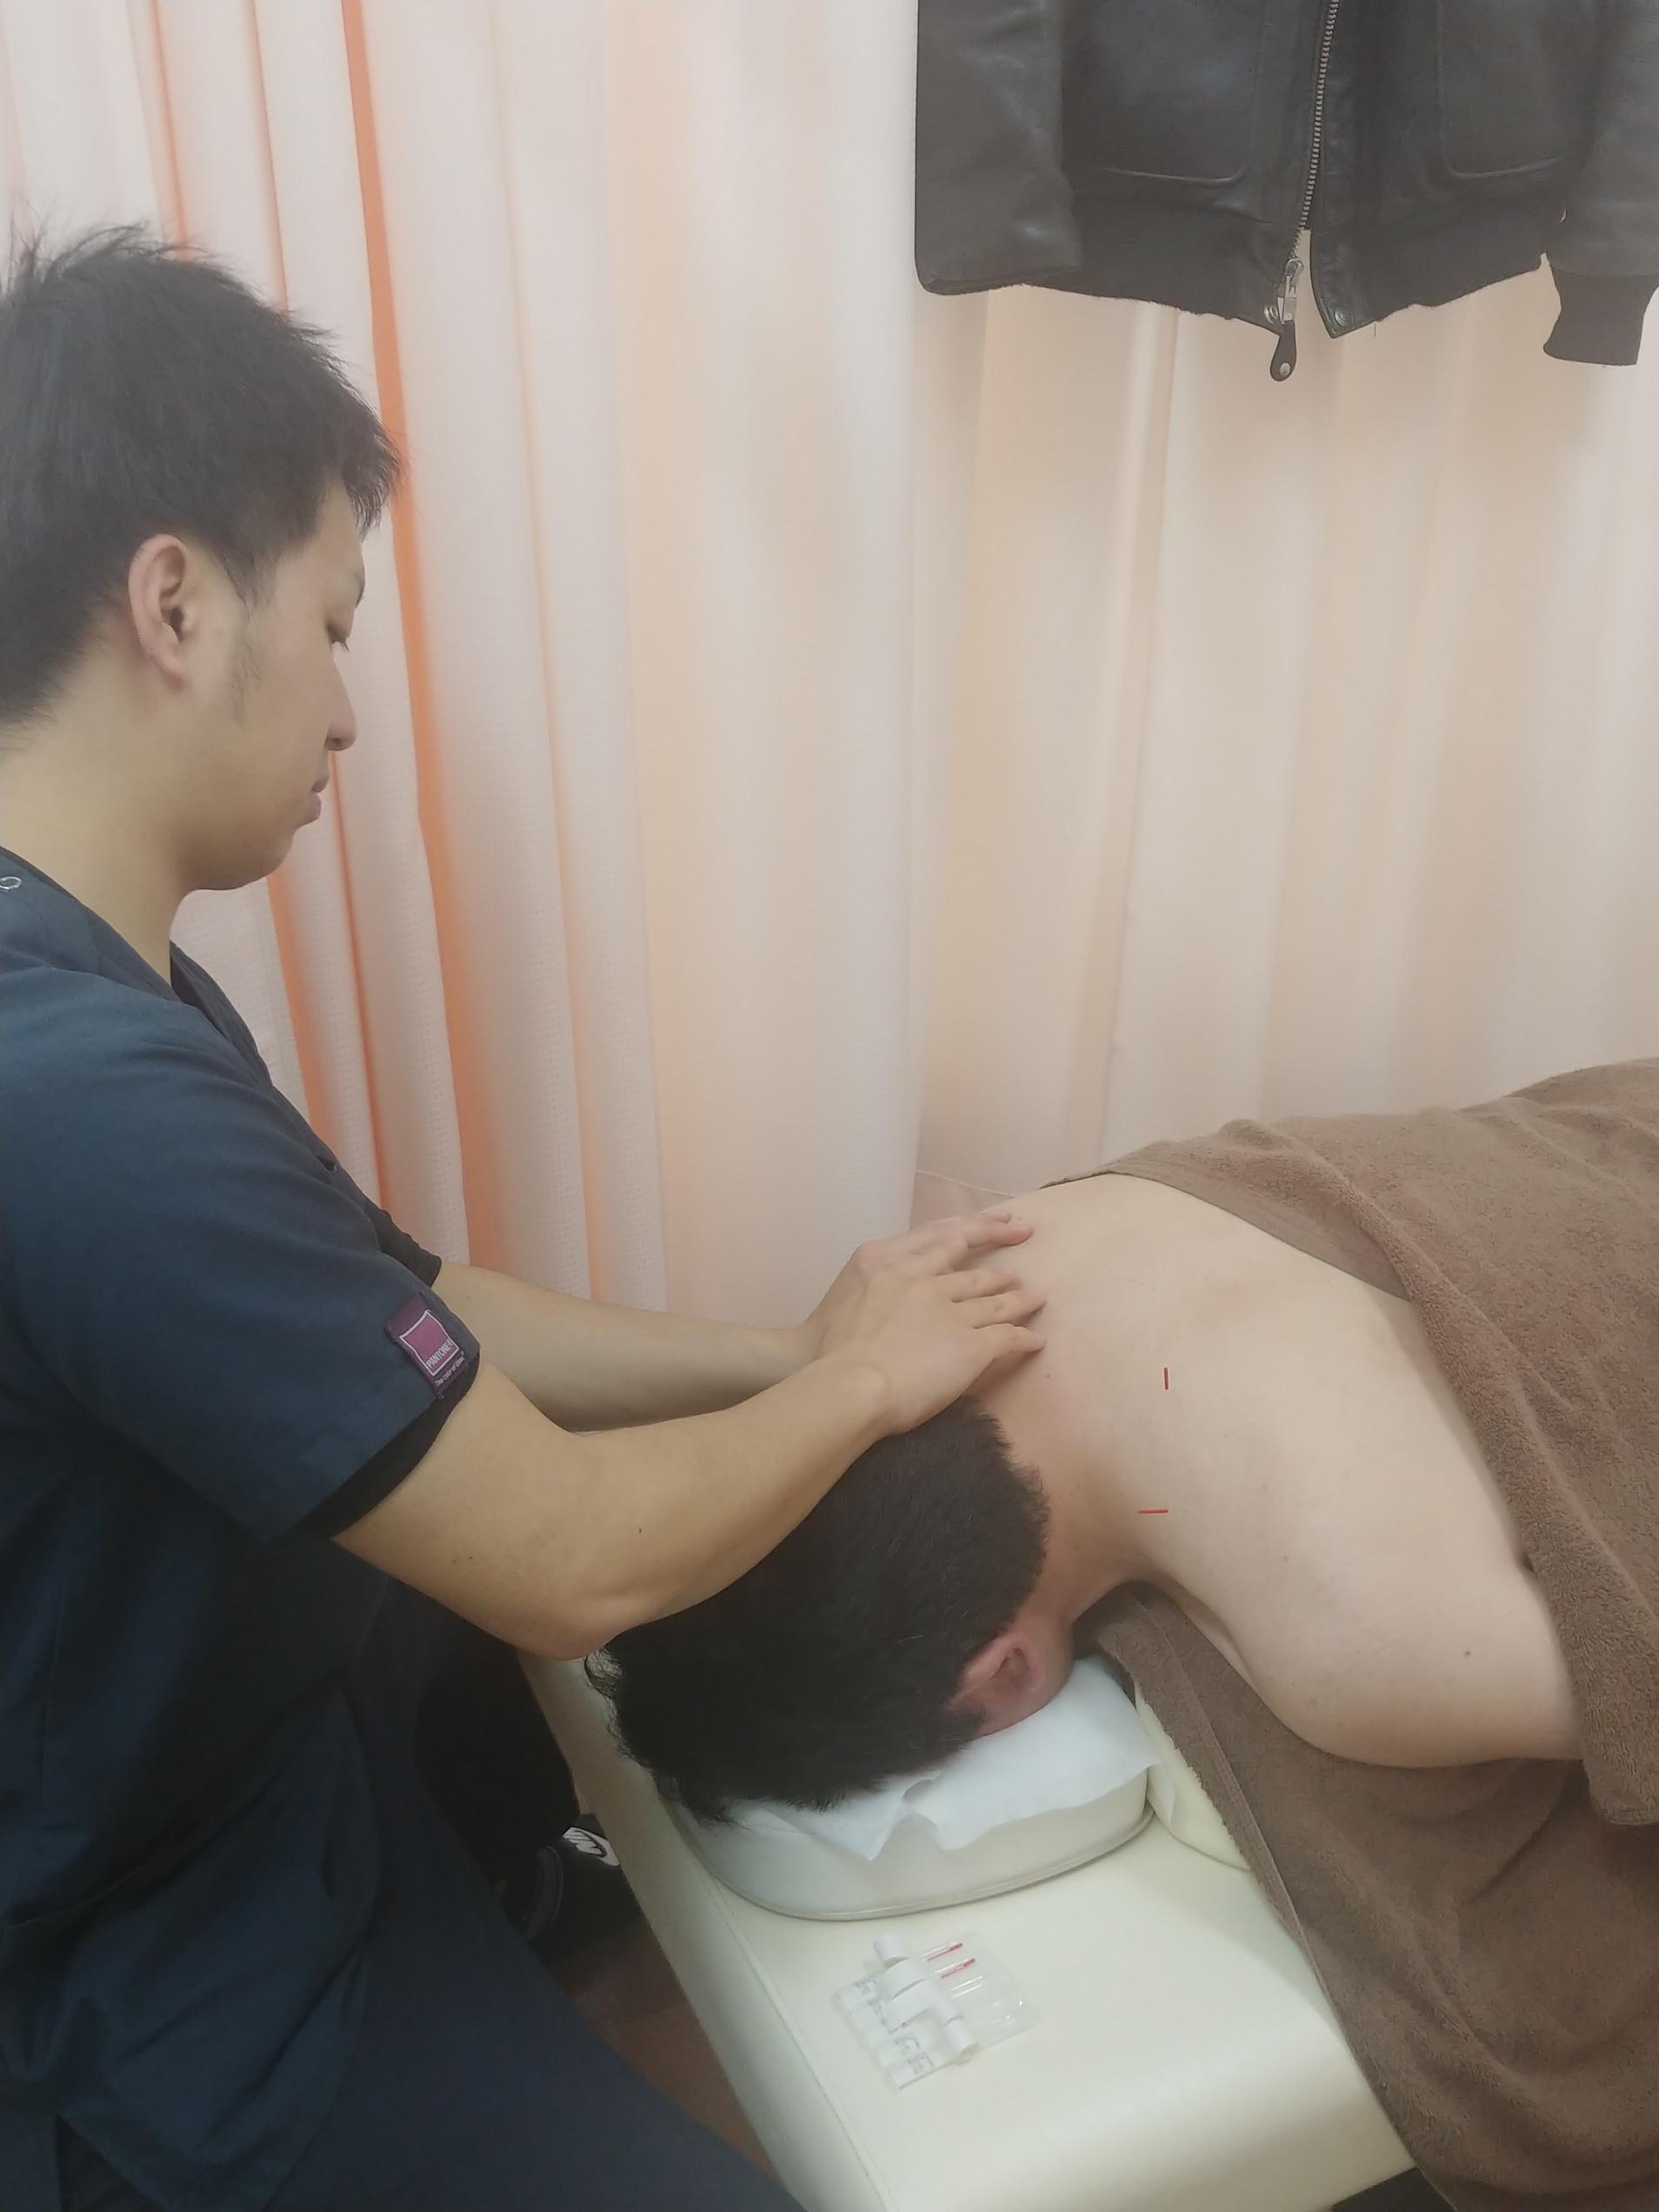 みらい整骨院・鍼灸院内装 施術の様子②